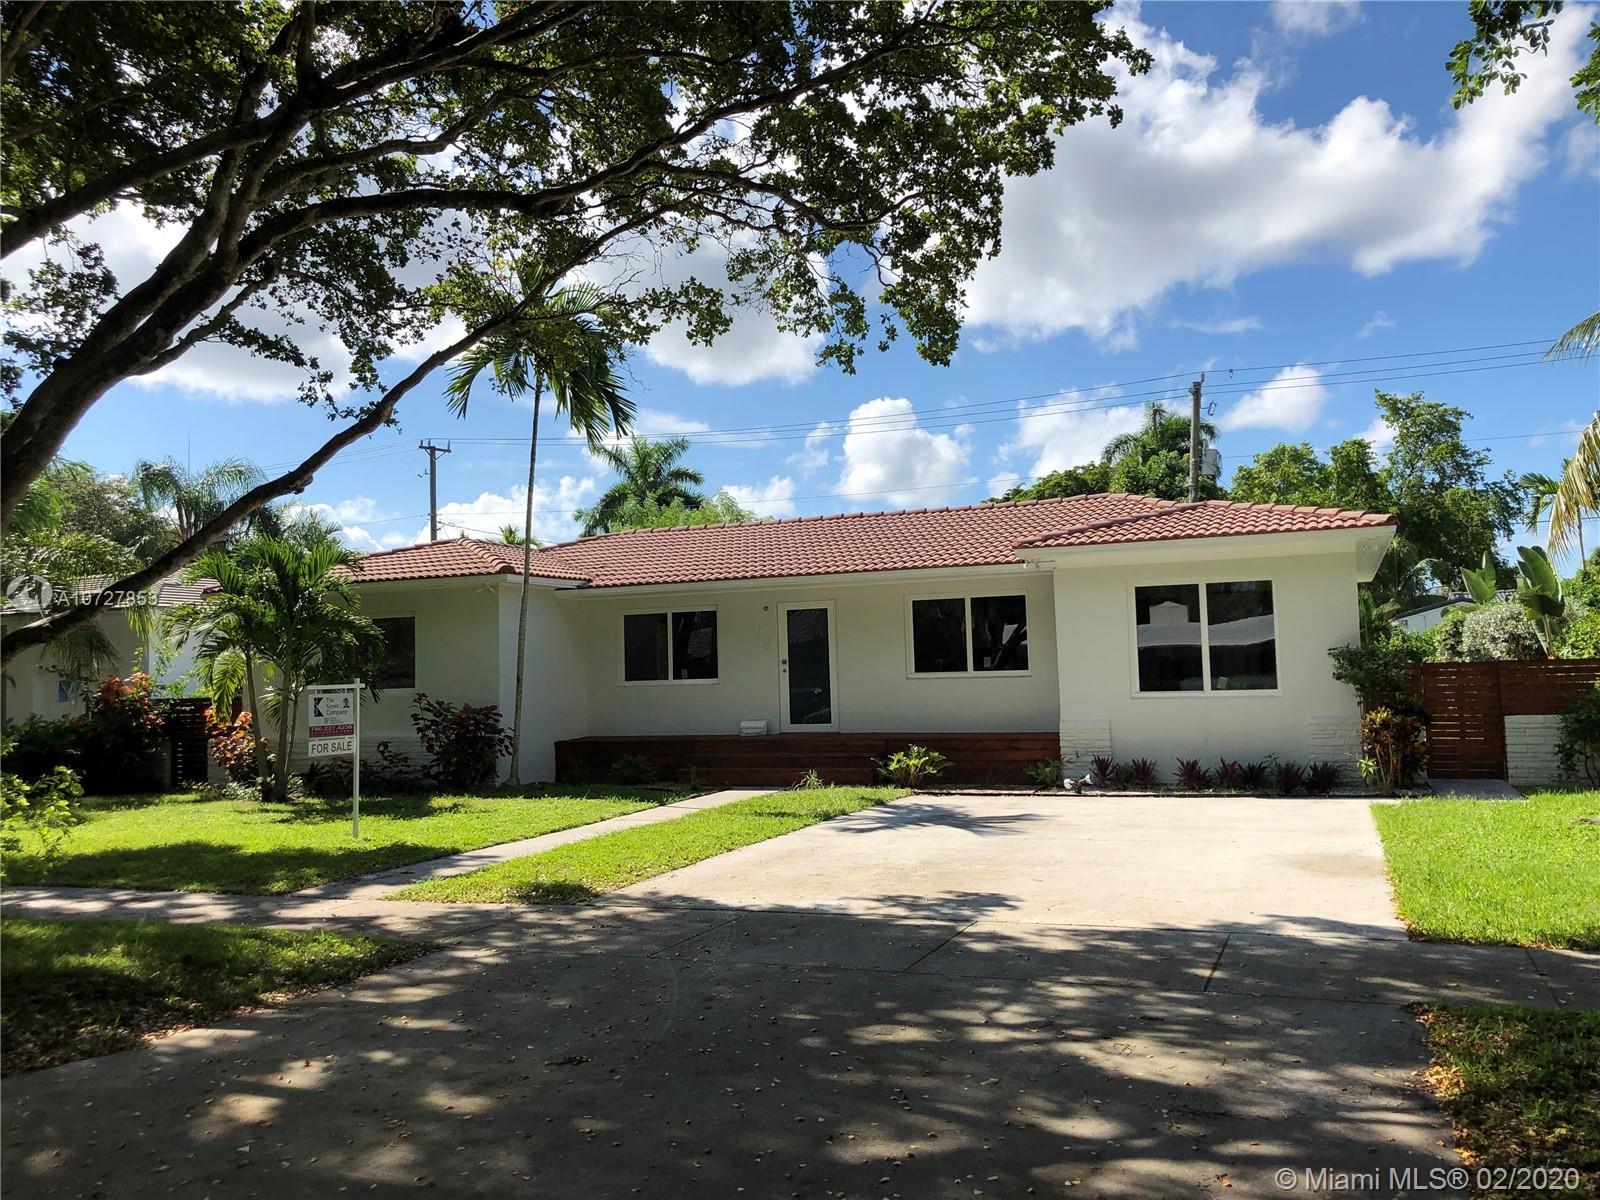 82 NW 98th St, Miami Shores, FL 33150